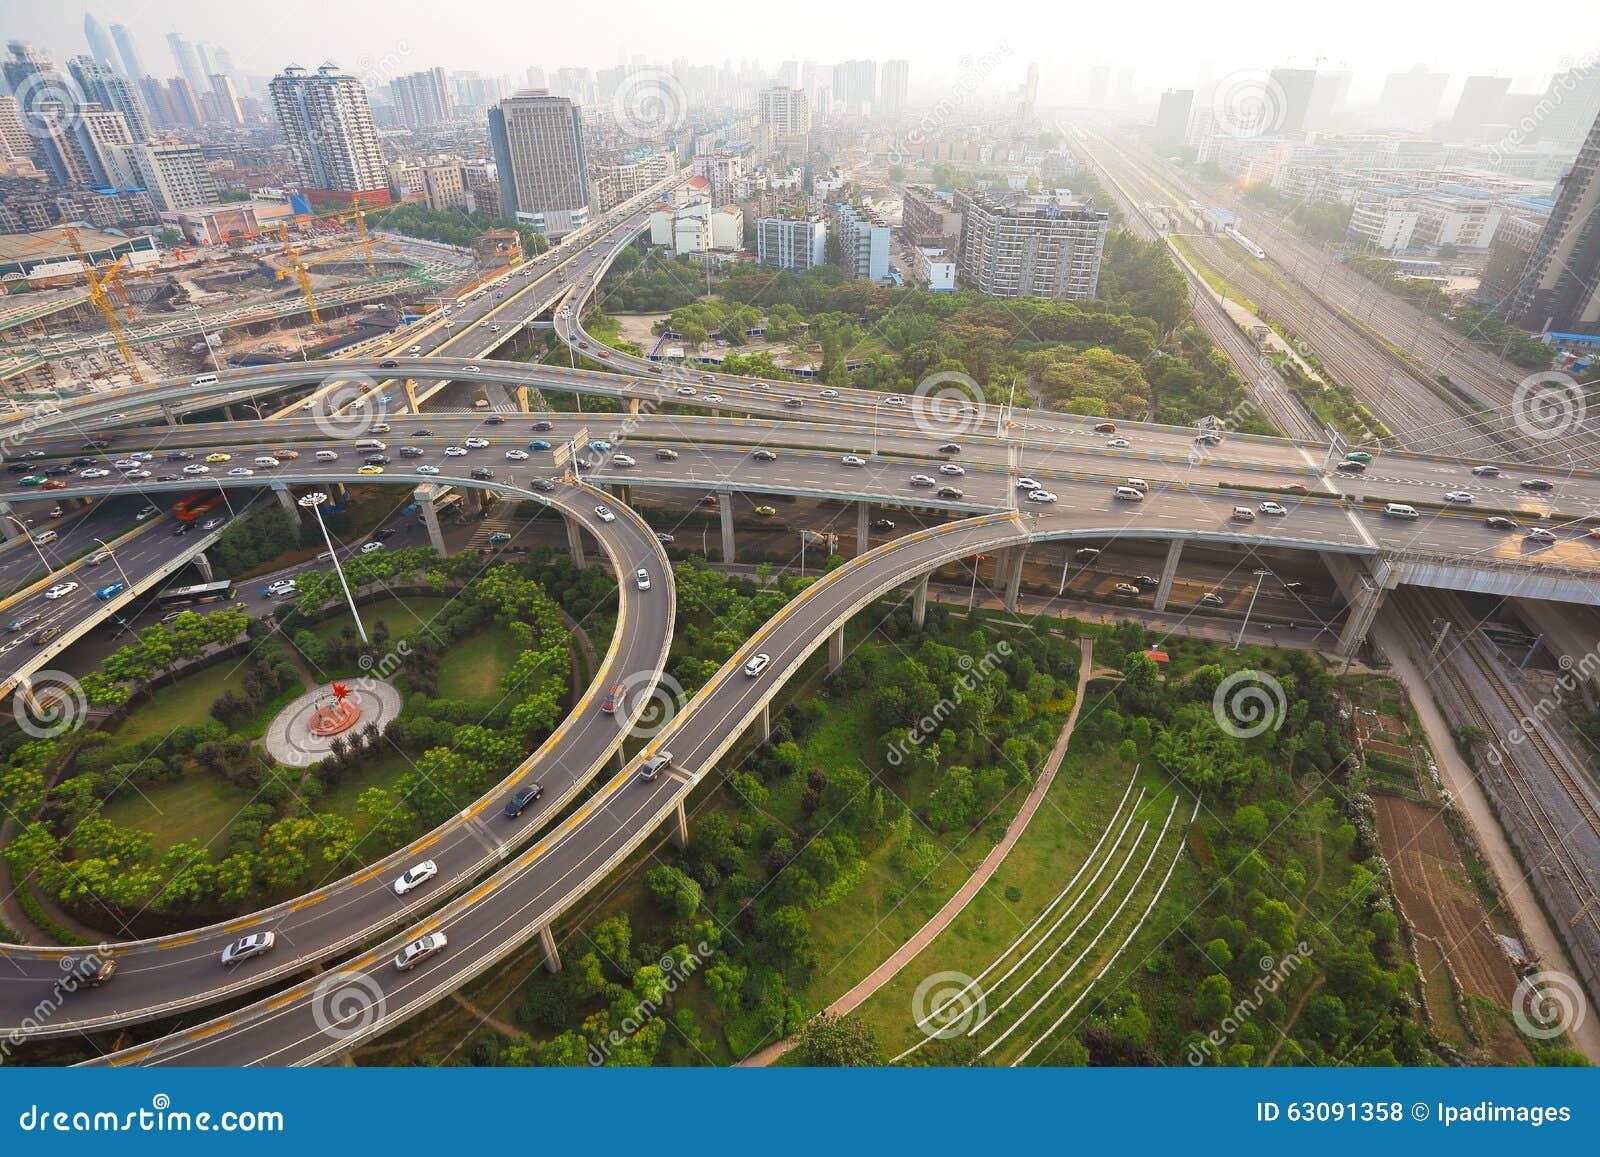 Download Paysage De Route De Pont De Viaduc De Ville Photo stock - Image du vide, passerelle: 63091358